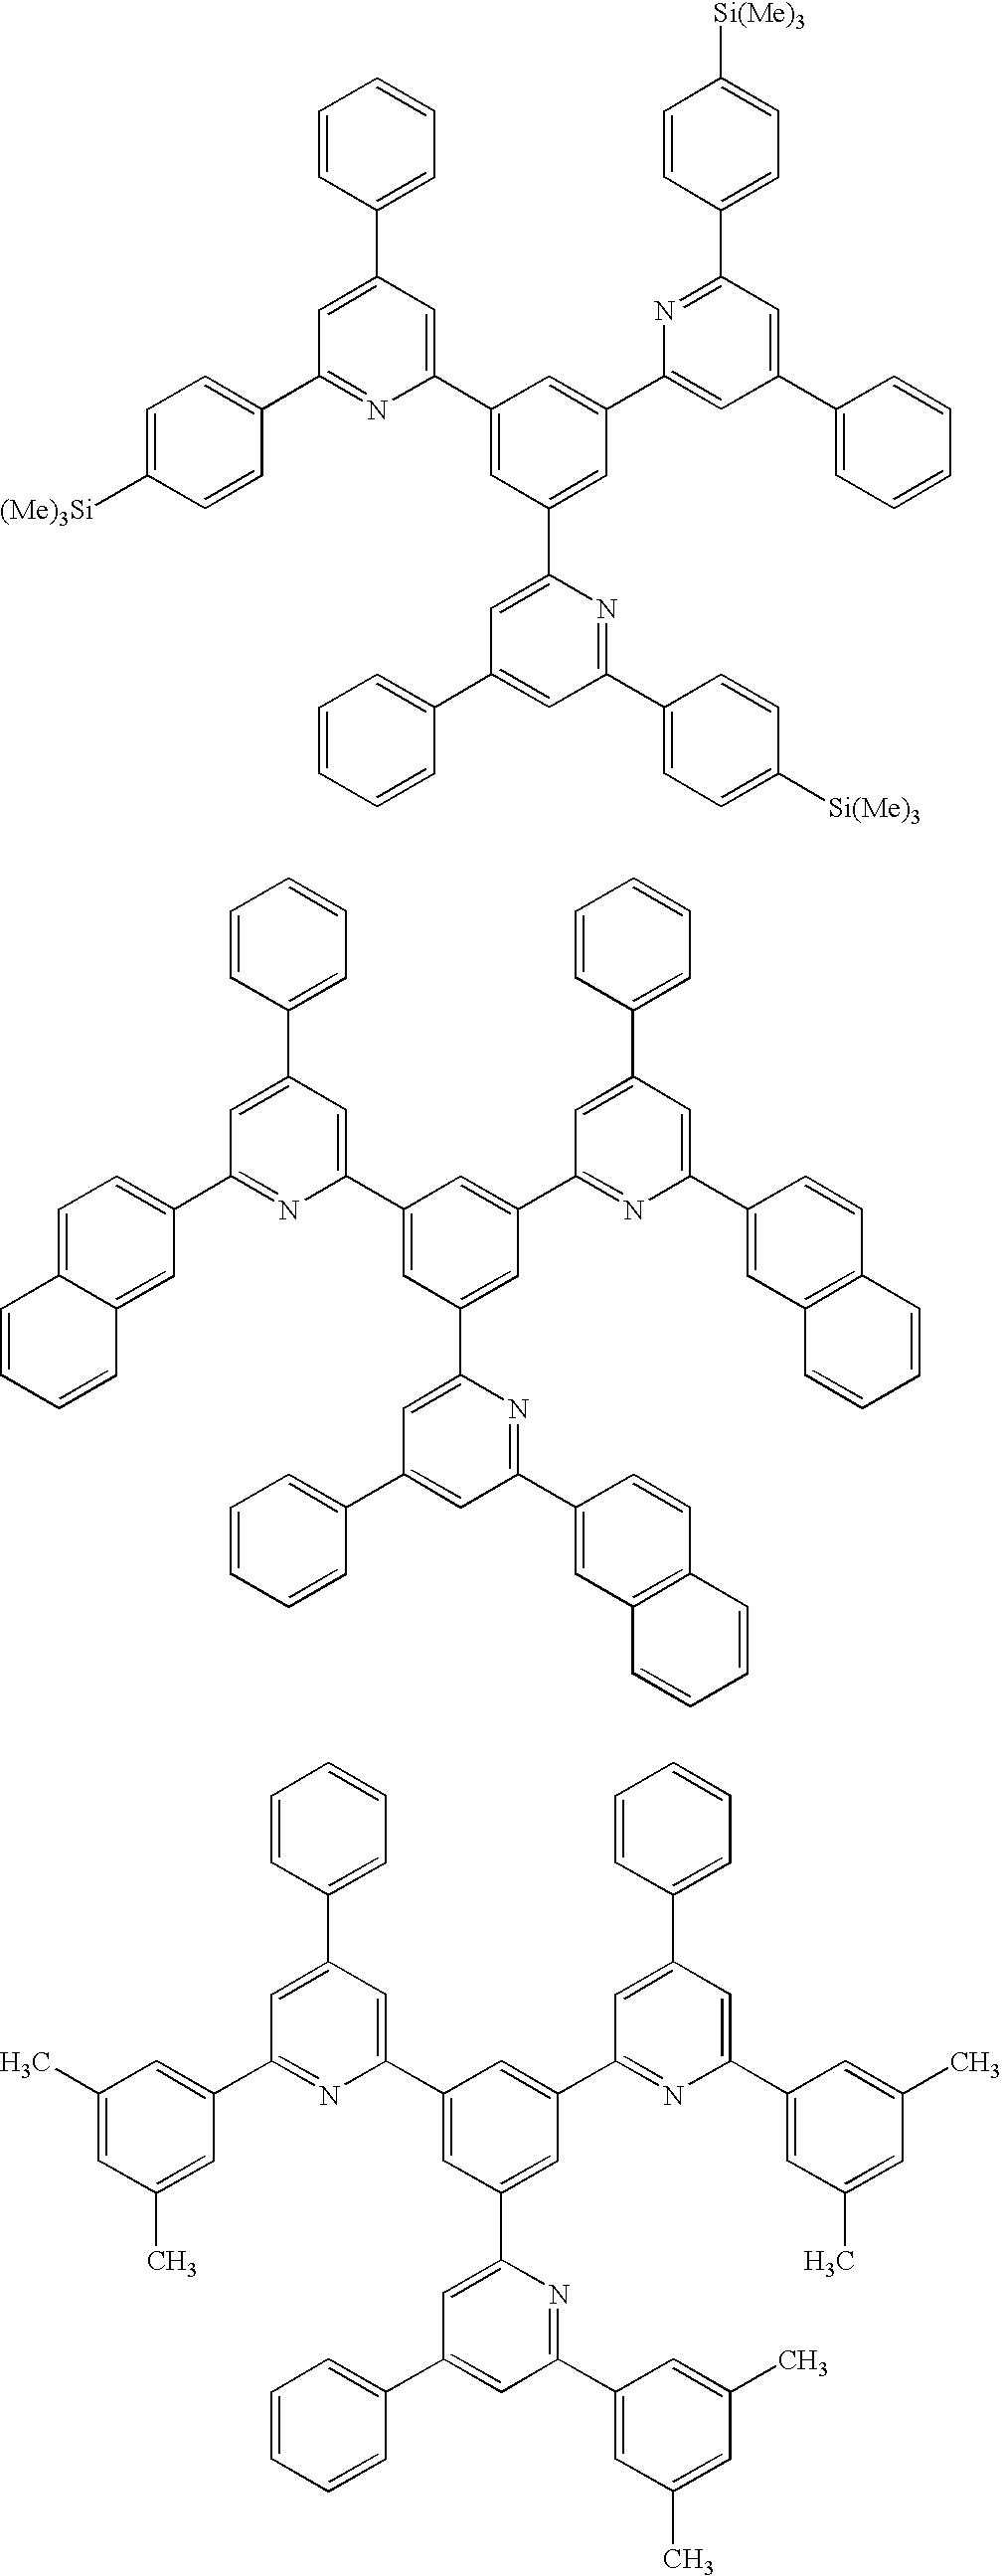 Figure US20060186796A1-20060824-C00120